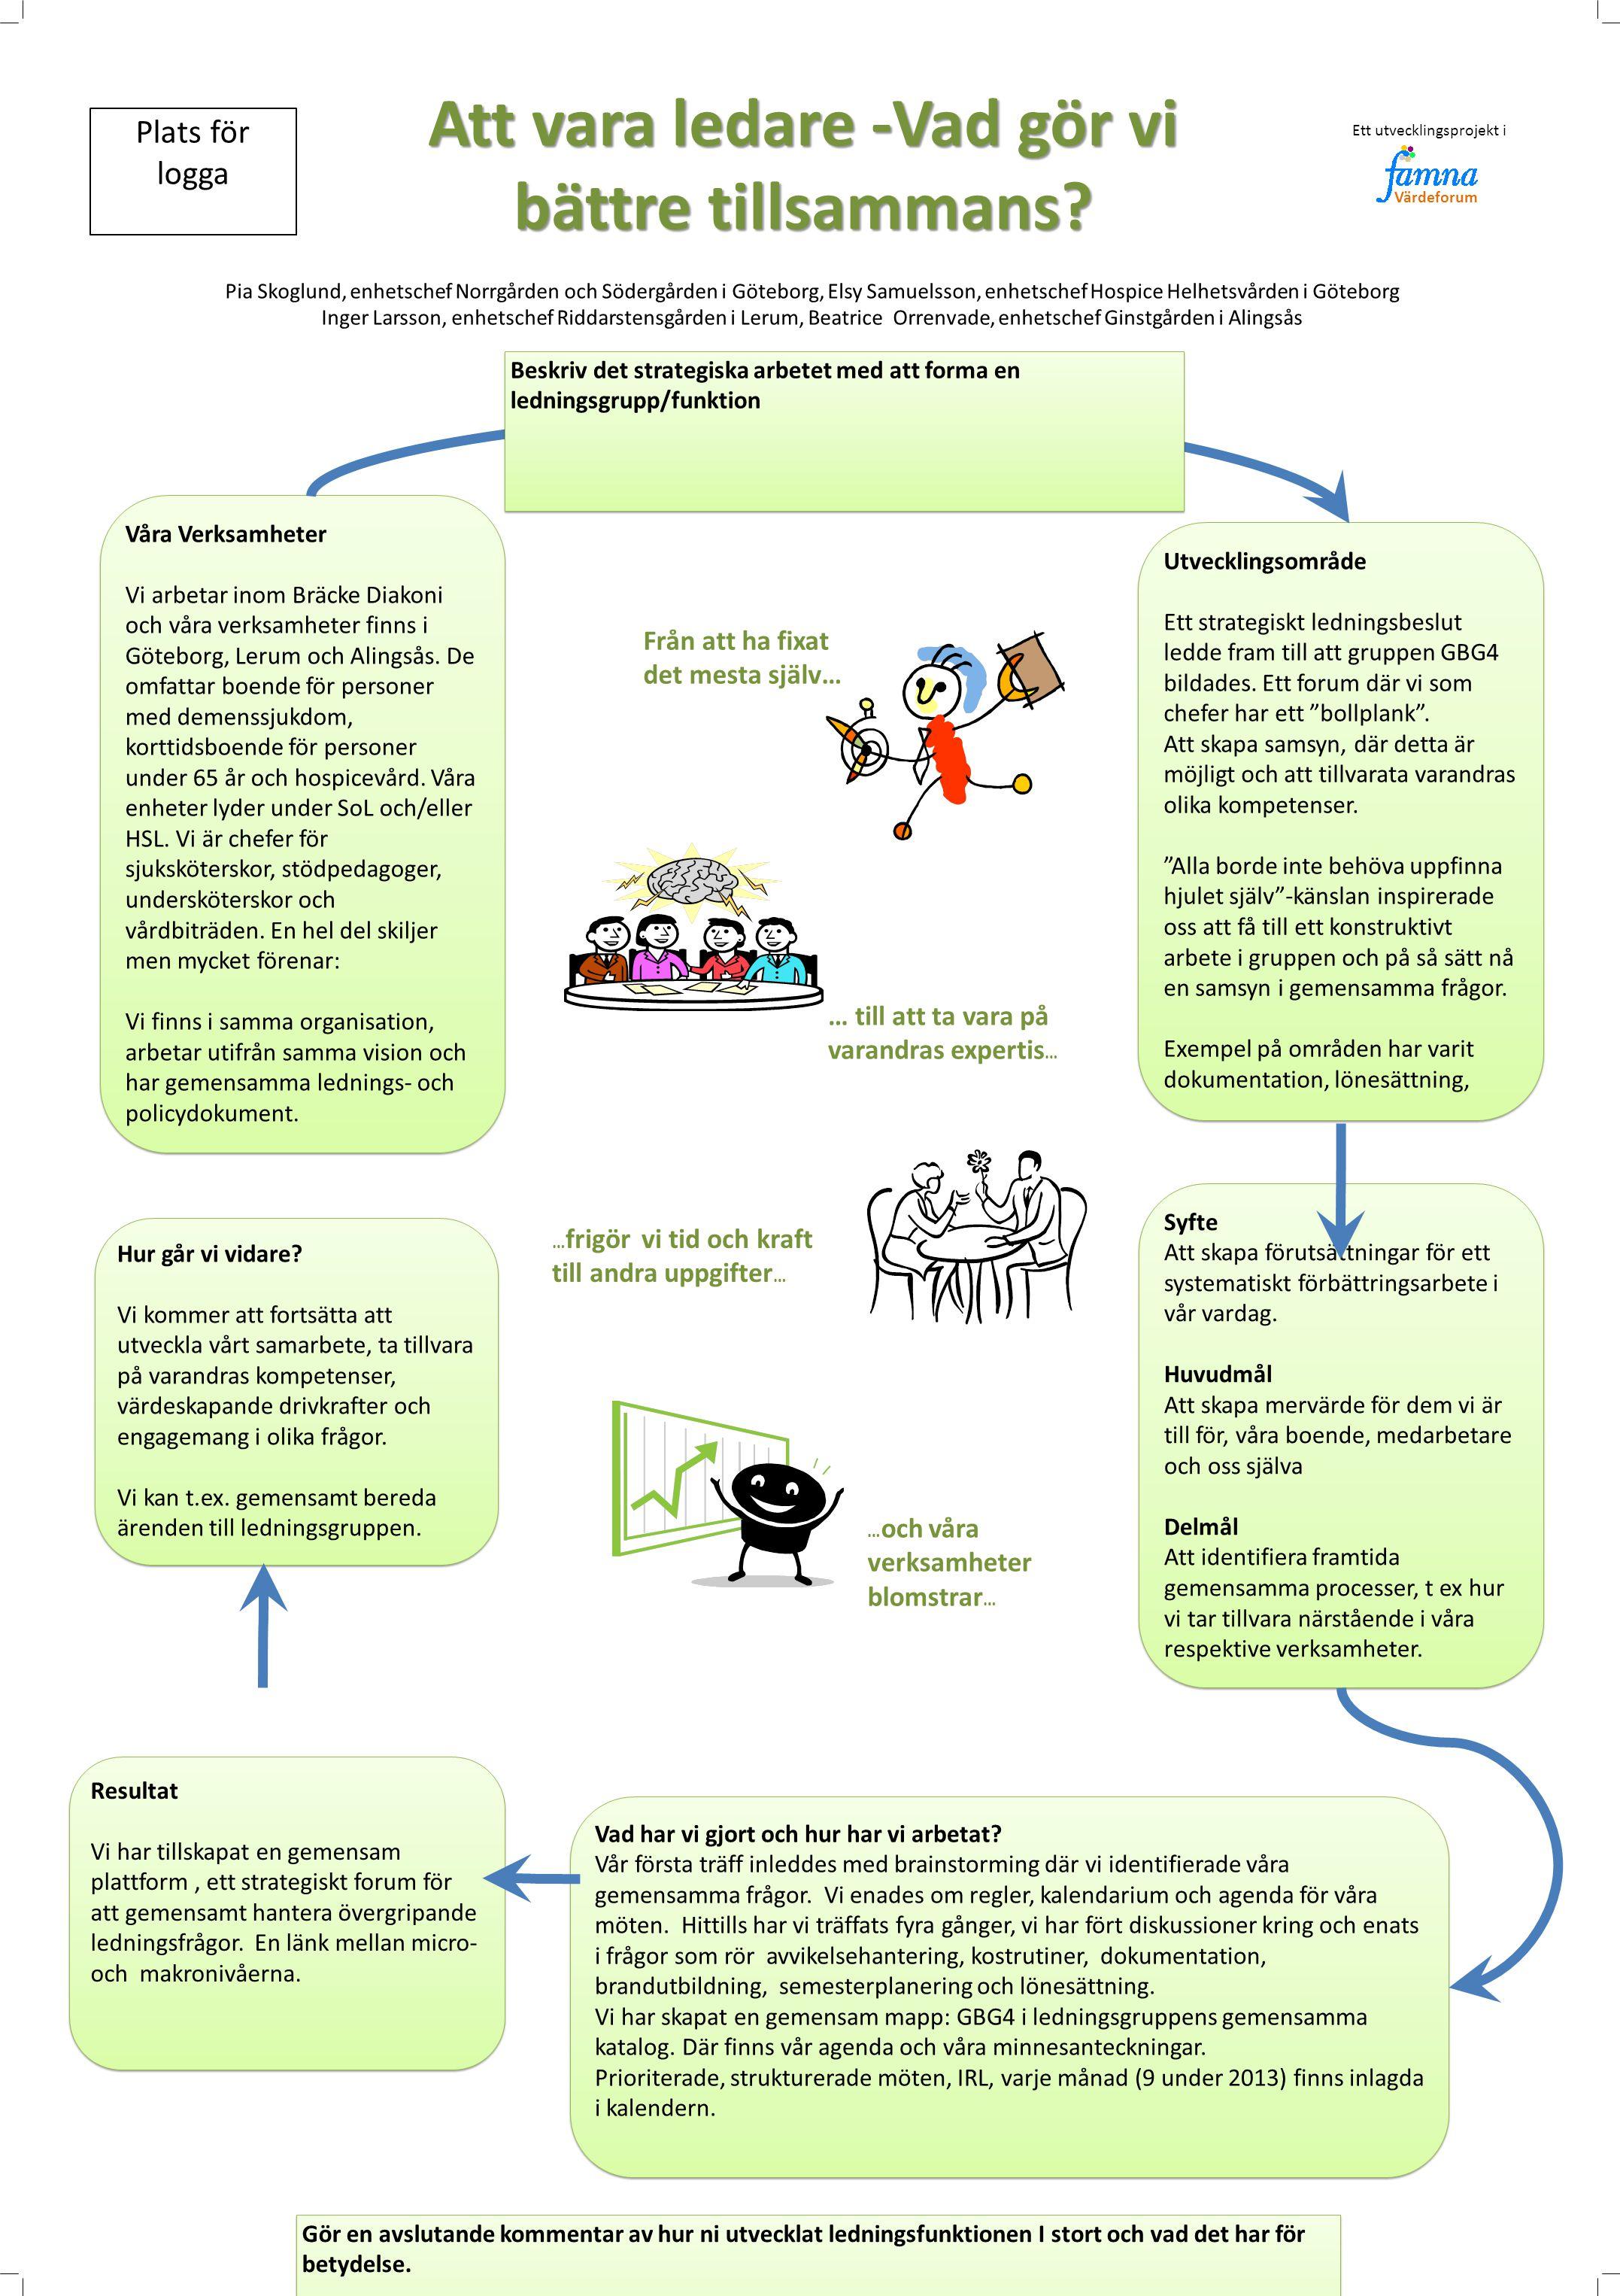 Resultat Vi har tillskapat en gemensam plattform, ett strategiskt forum för att gemensamt hantera övergripande ledningsfrågor.